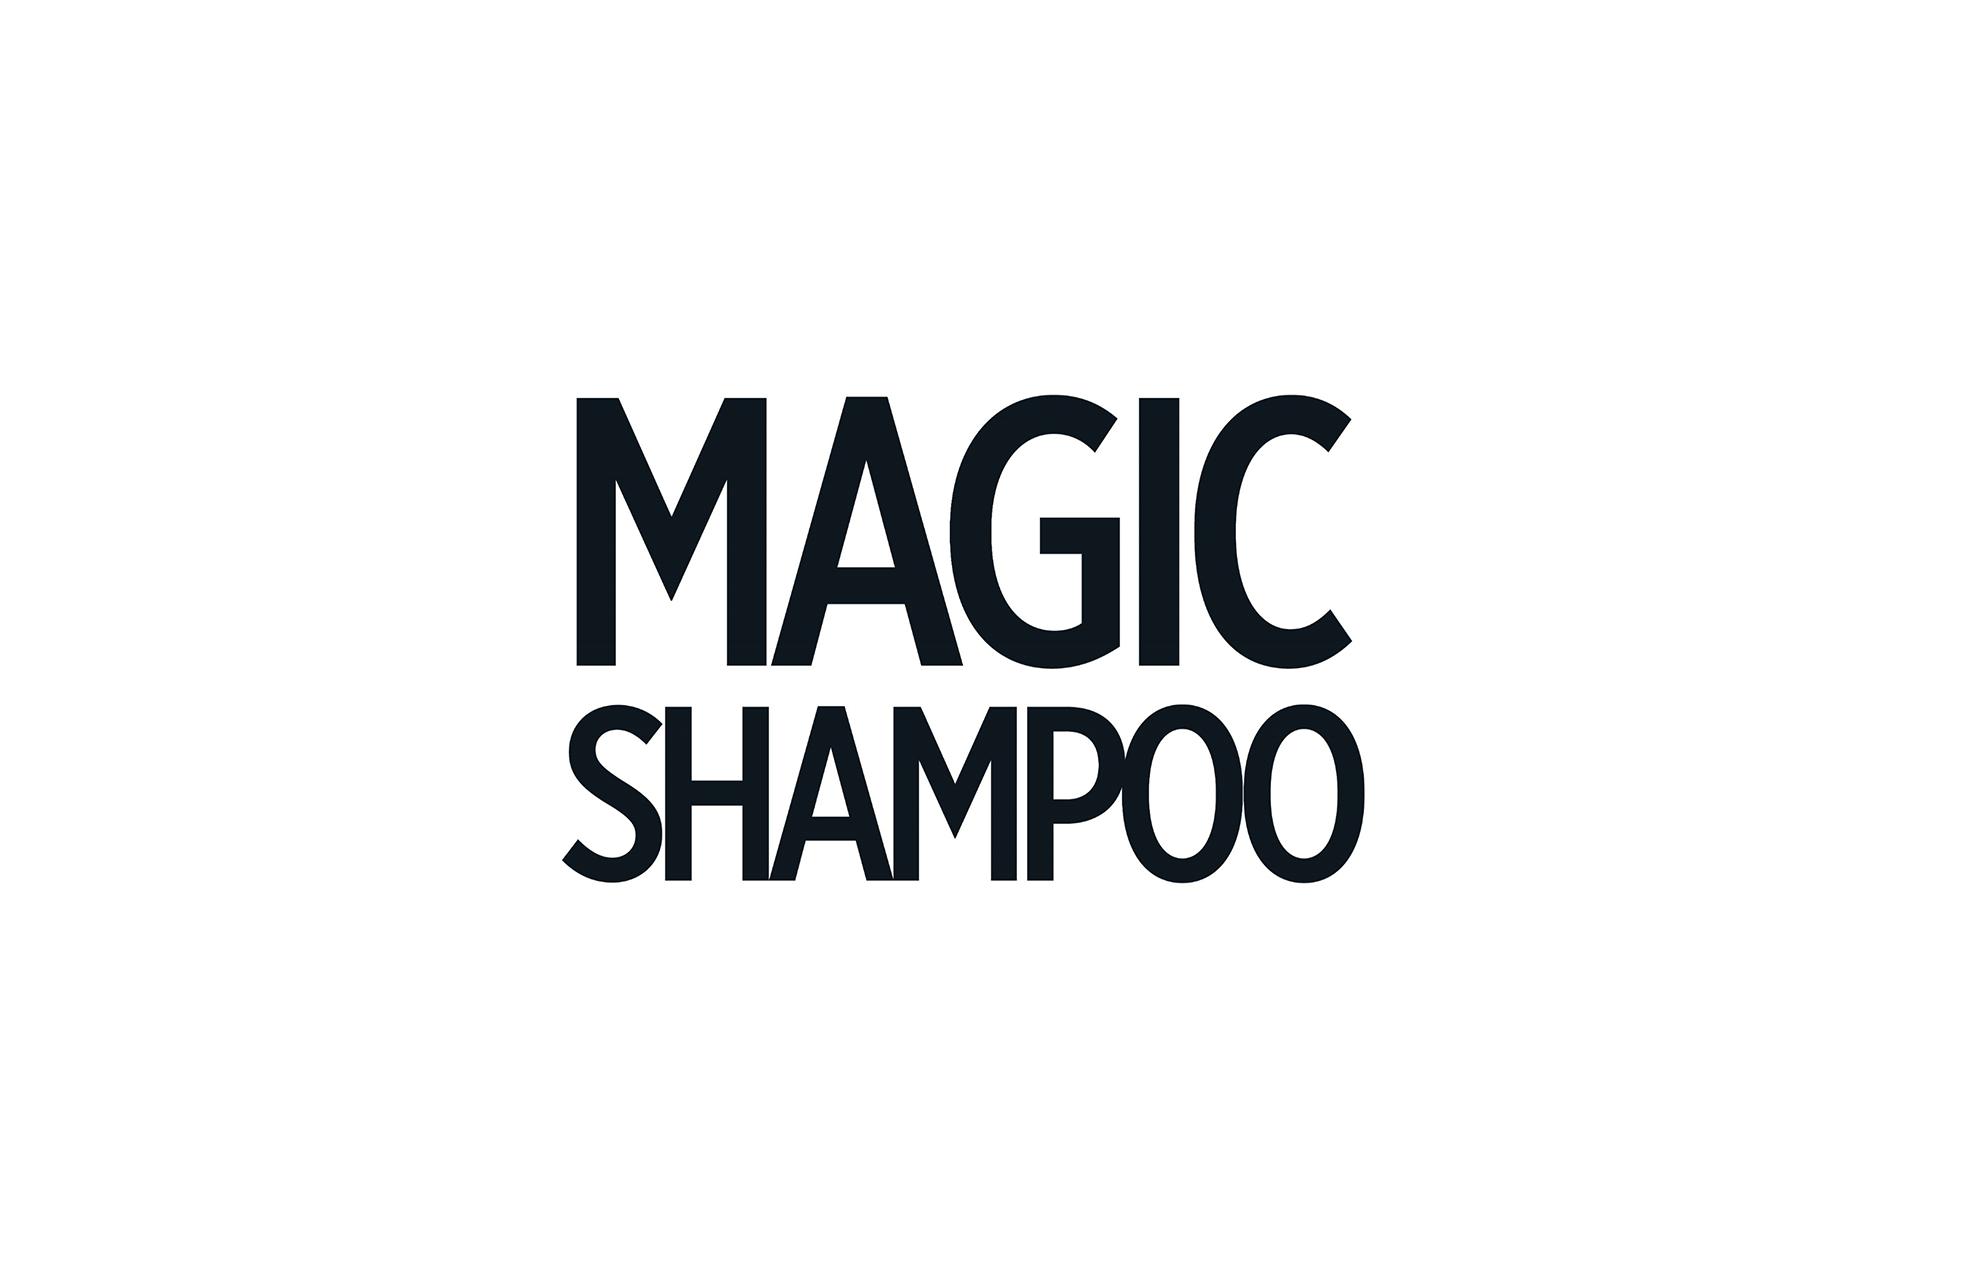 Loreal Magic Shampoo